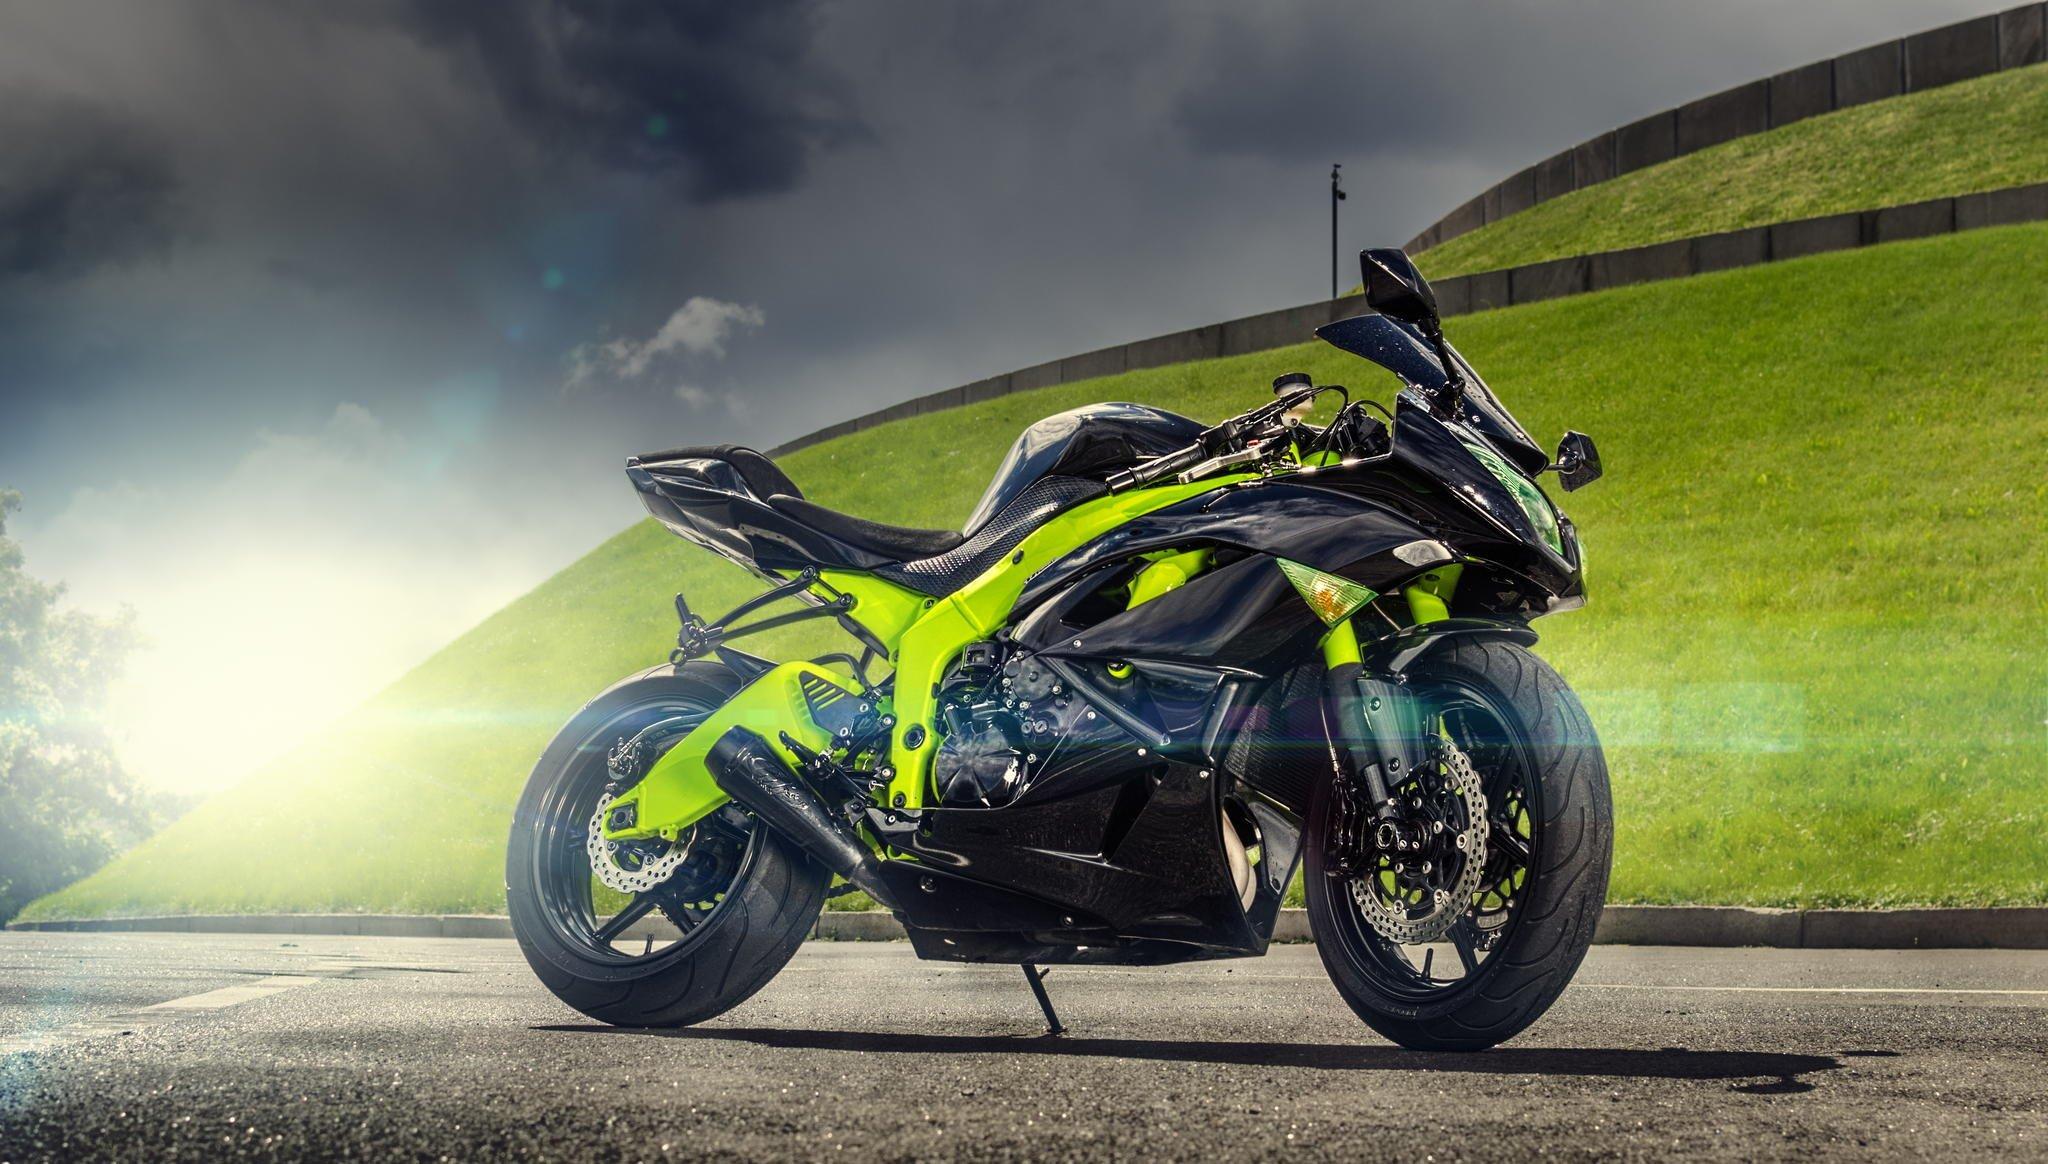 мотоцикл BMW спортбайк  № 1555716 бесплатно